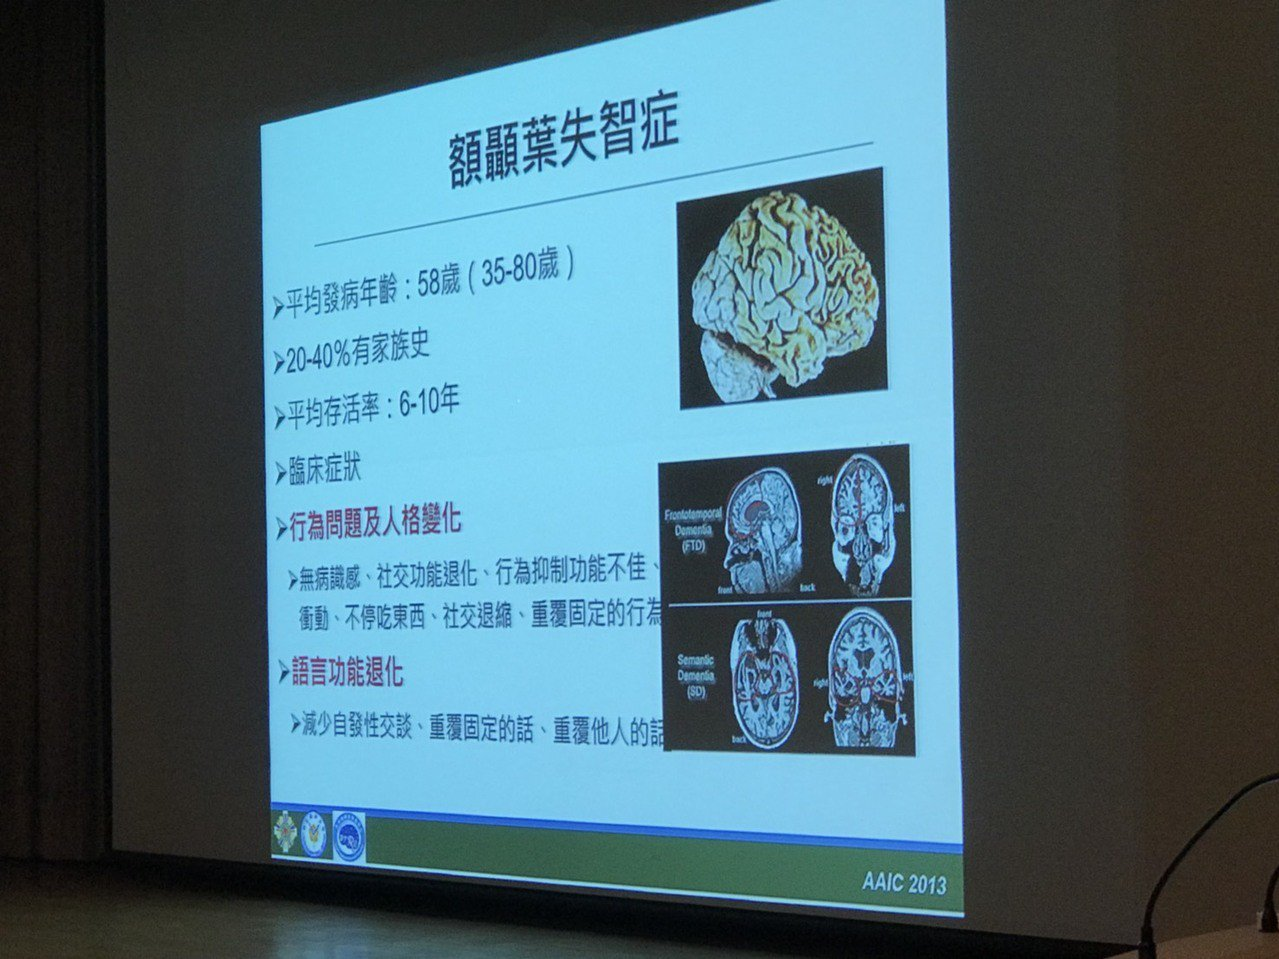 王培寧說,顳葉掌管語言能力,故額顳葉型失智症的退化以行為問題和語言障礙為主,加上...